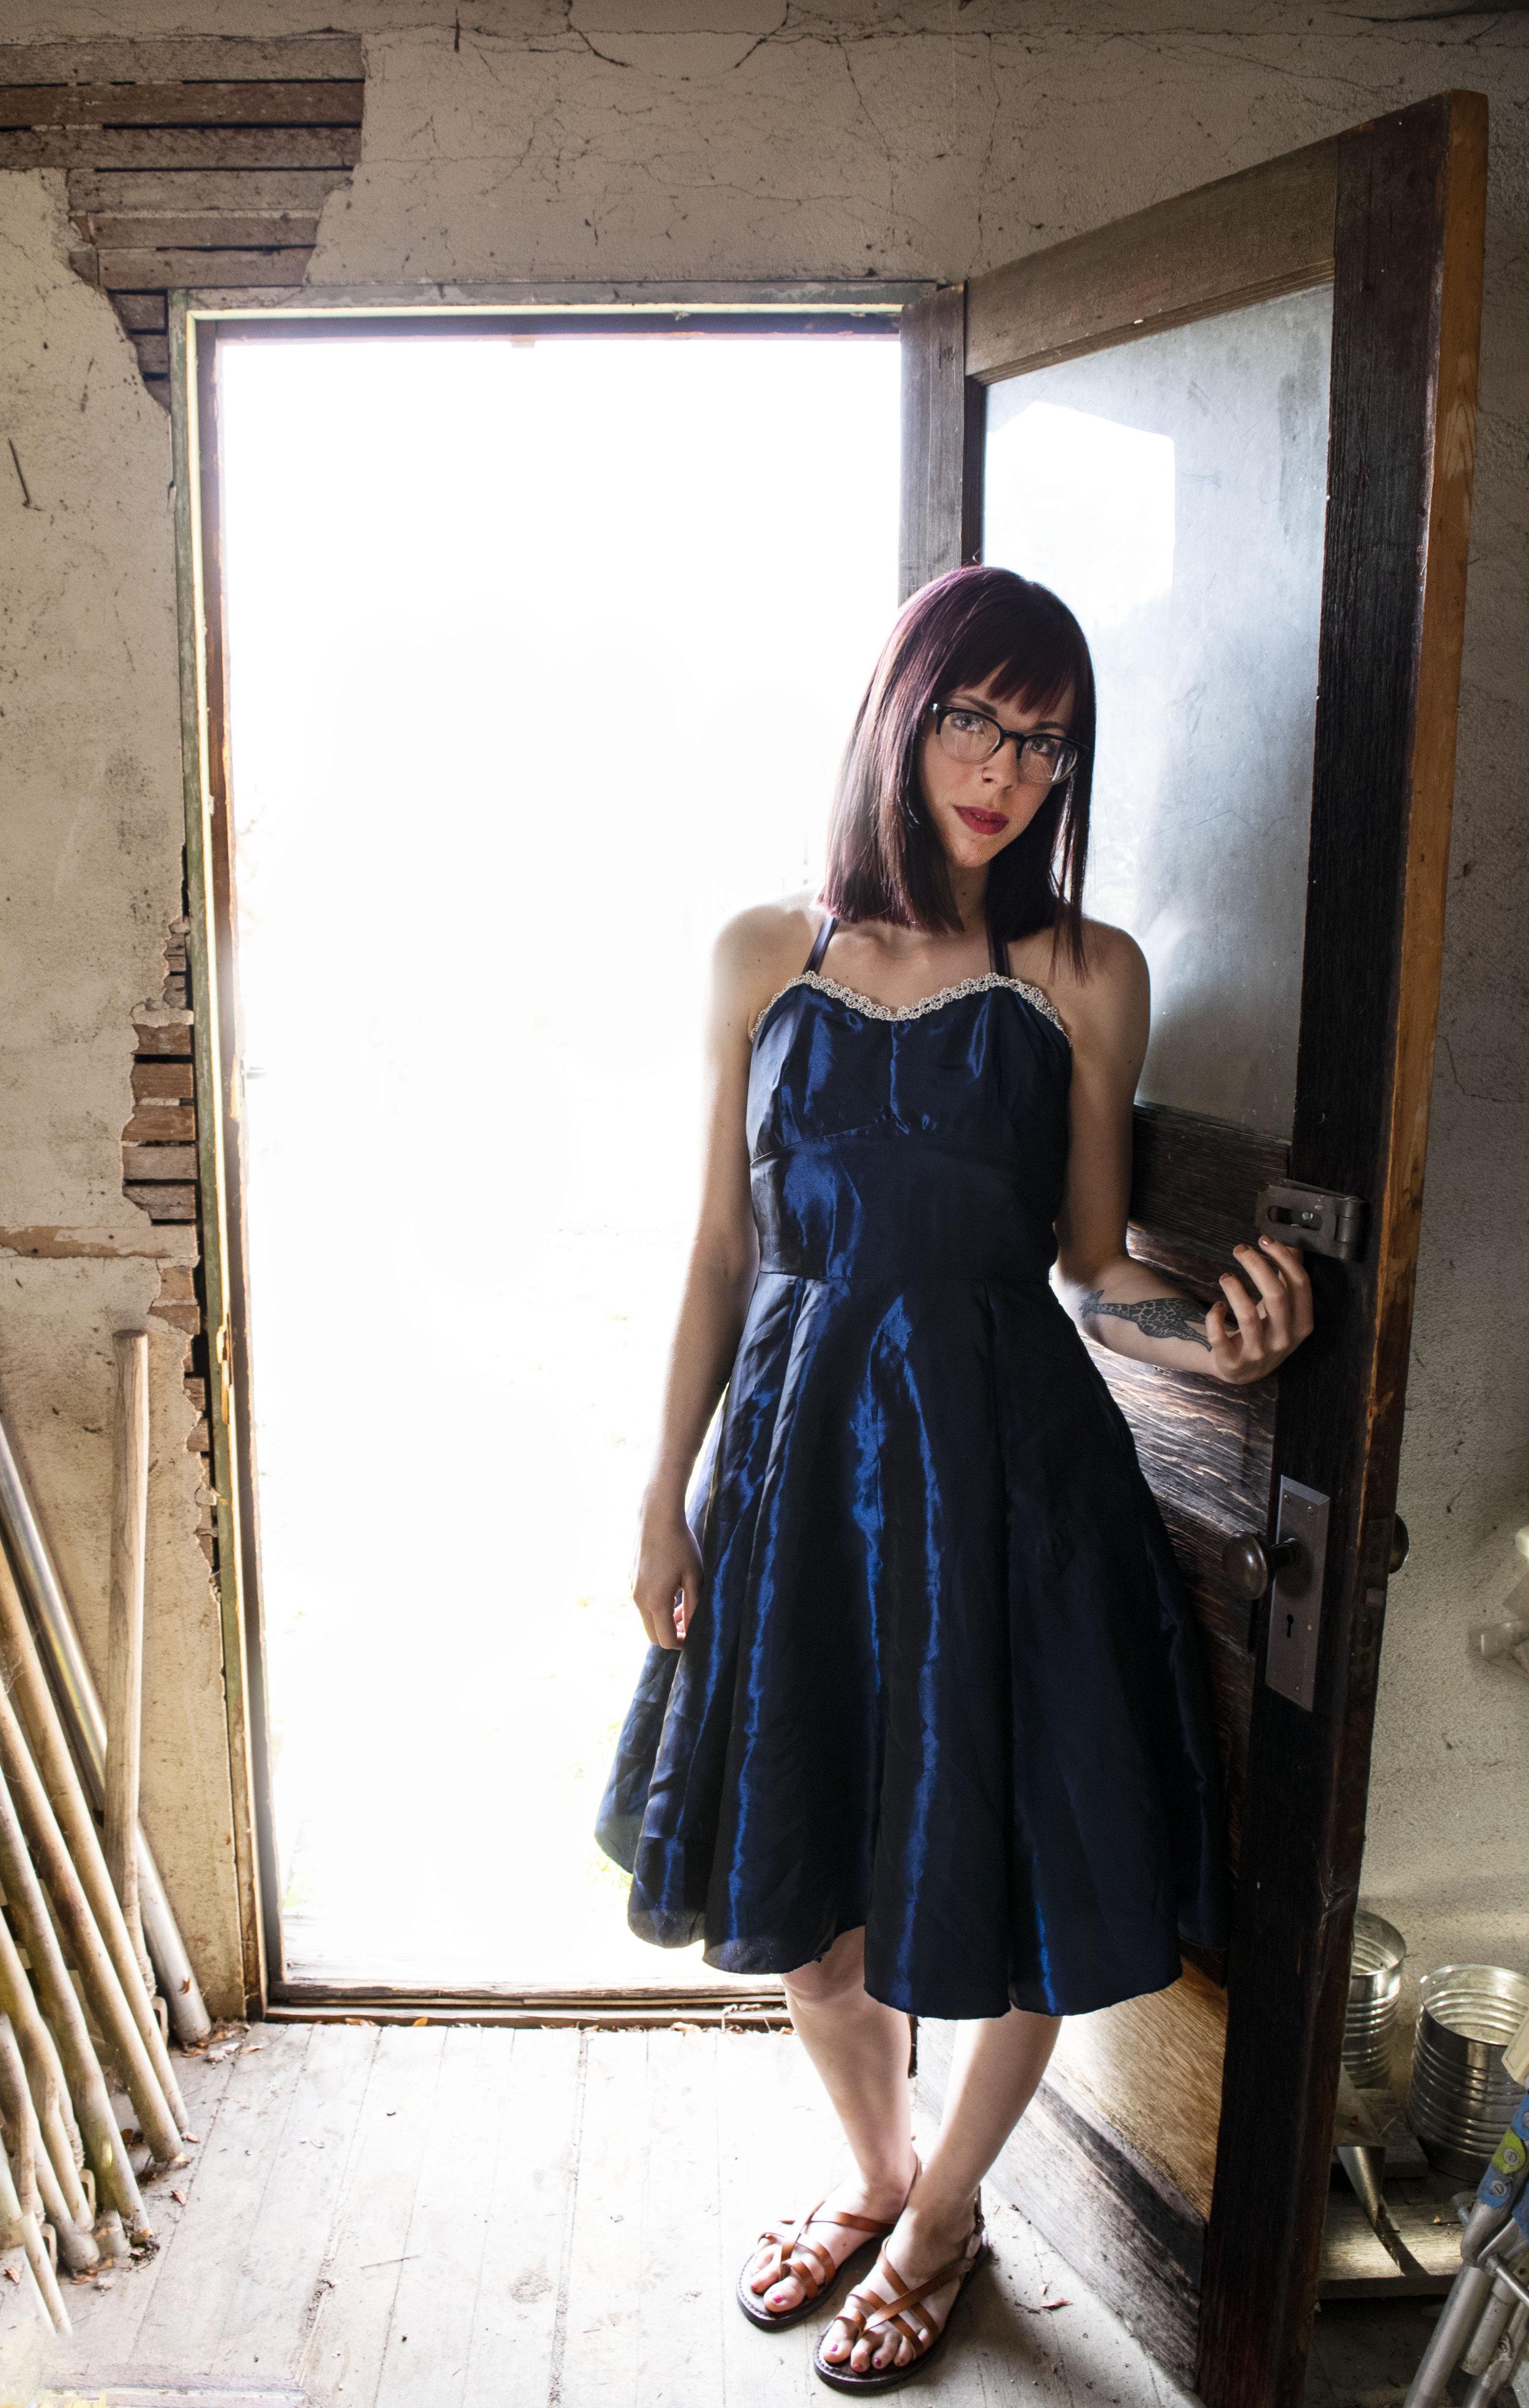 Model Nicol Romanivna